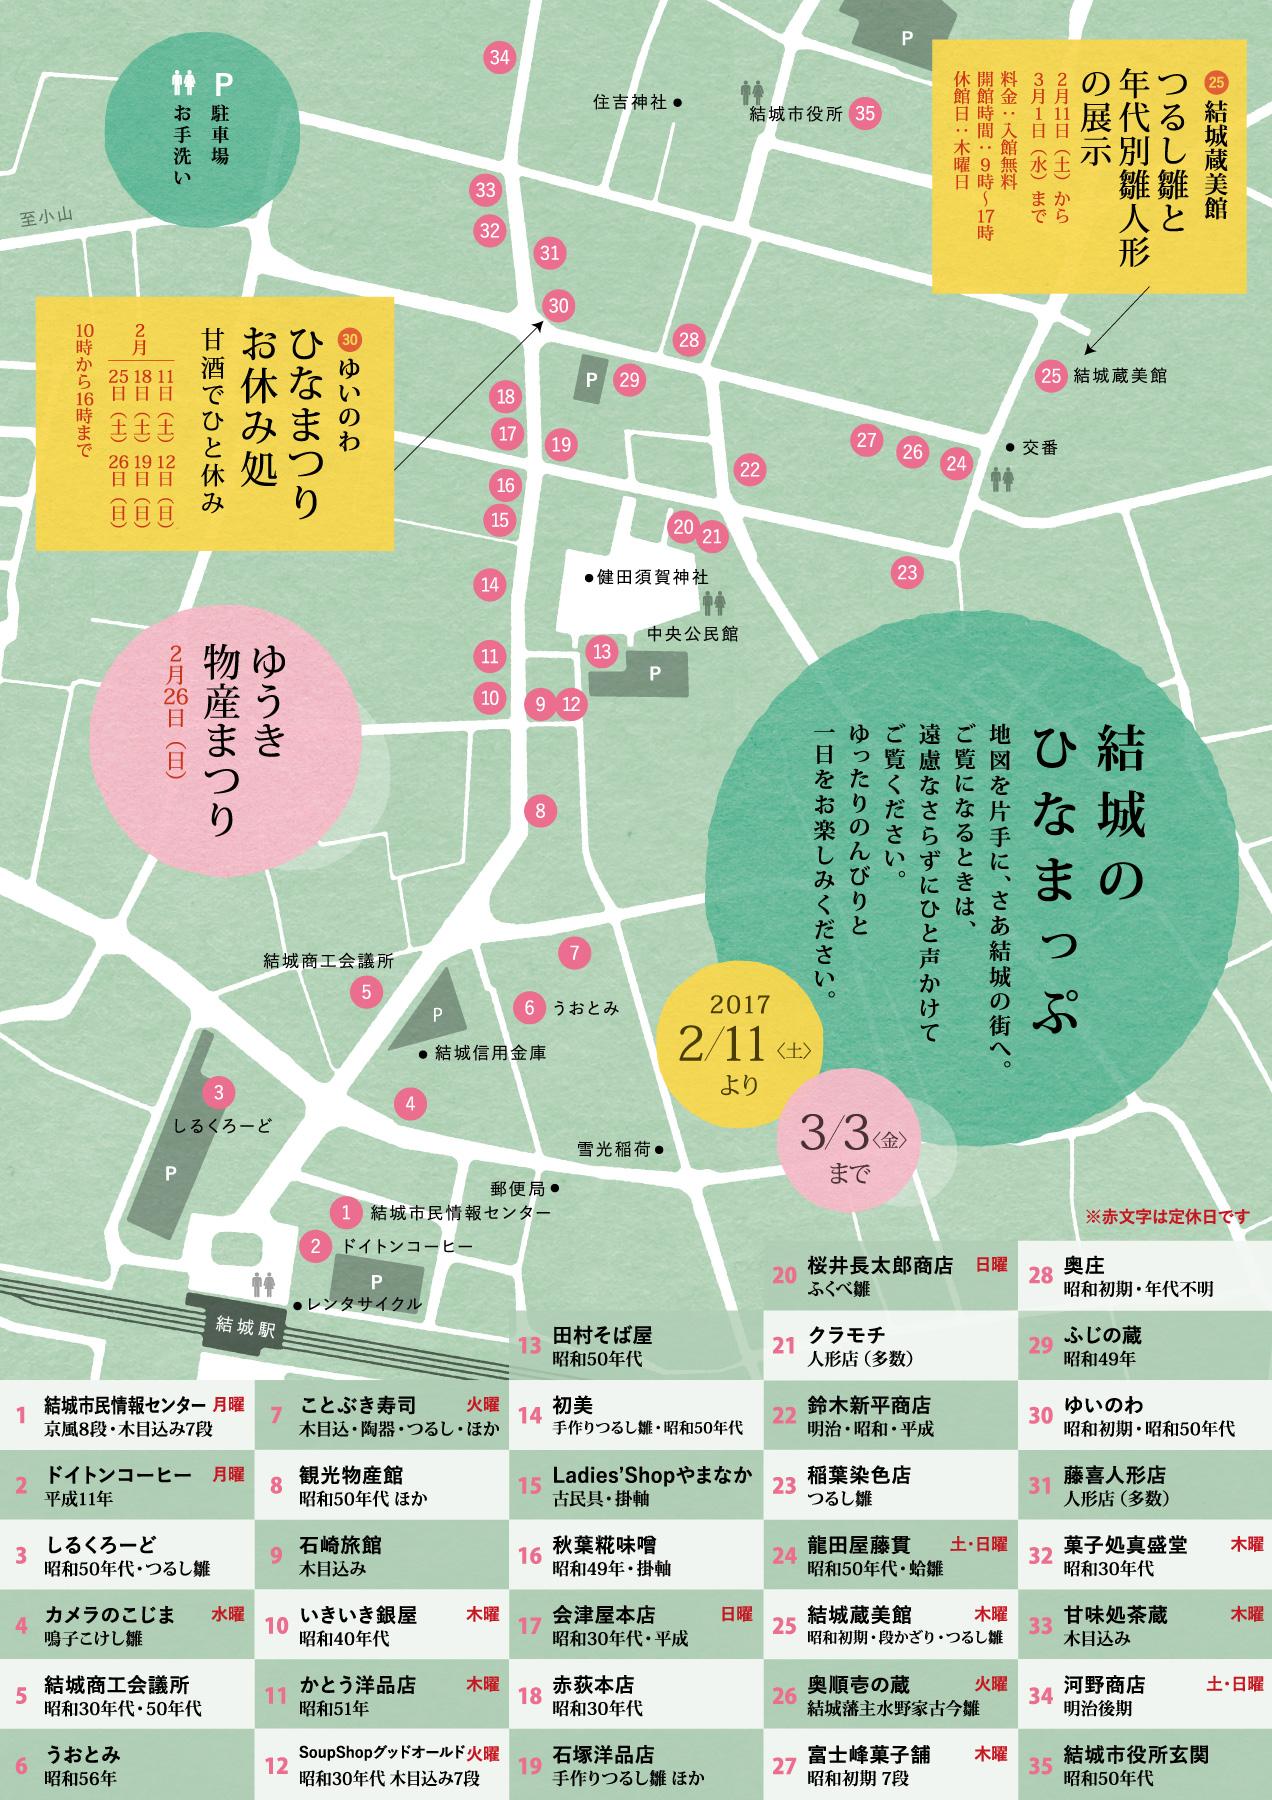 結城のひなまっぷ2017